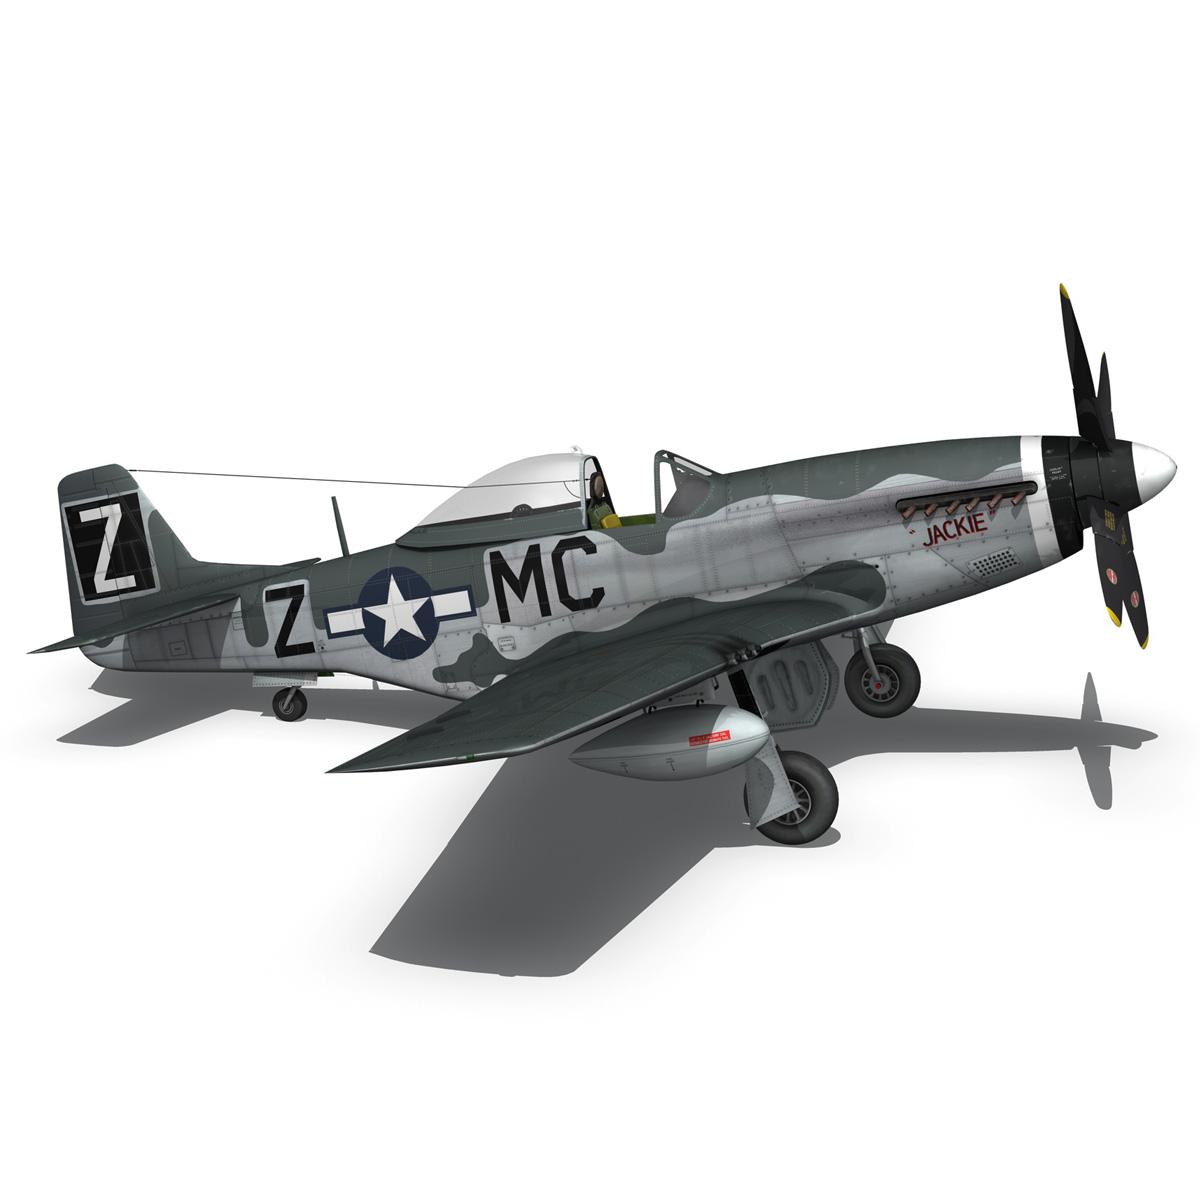 north american p-51d mustang – glengary guy 3d model fbx c4d lwo obj 267528